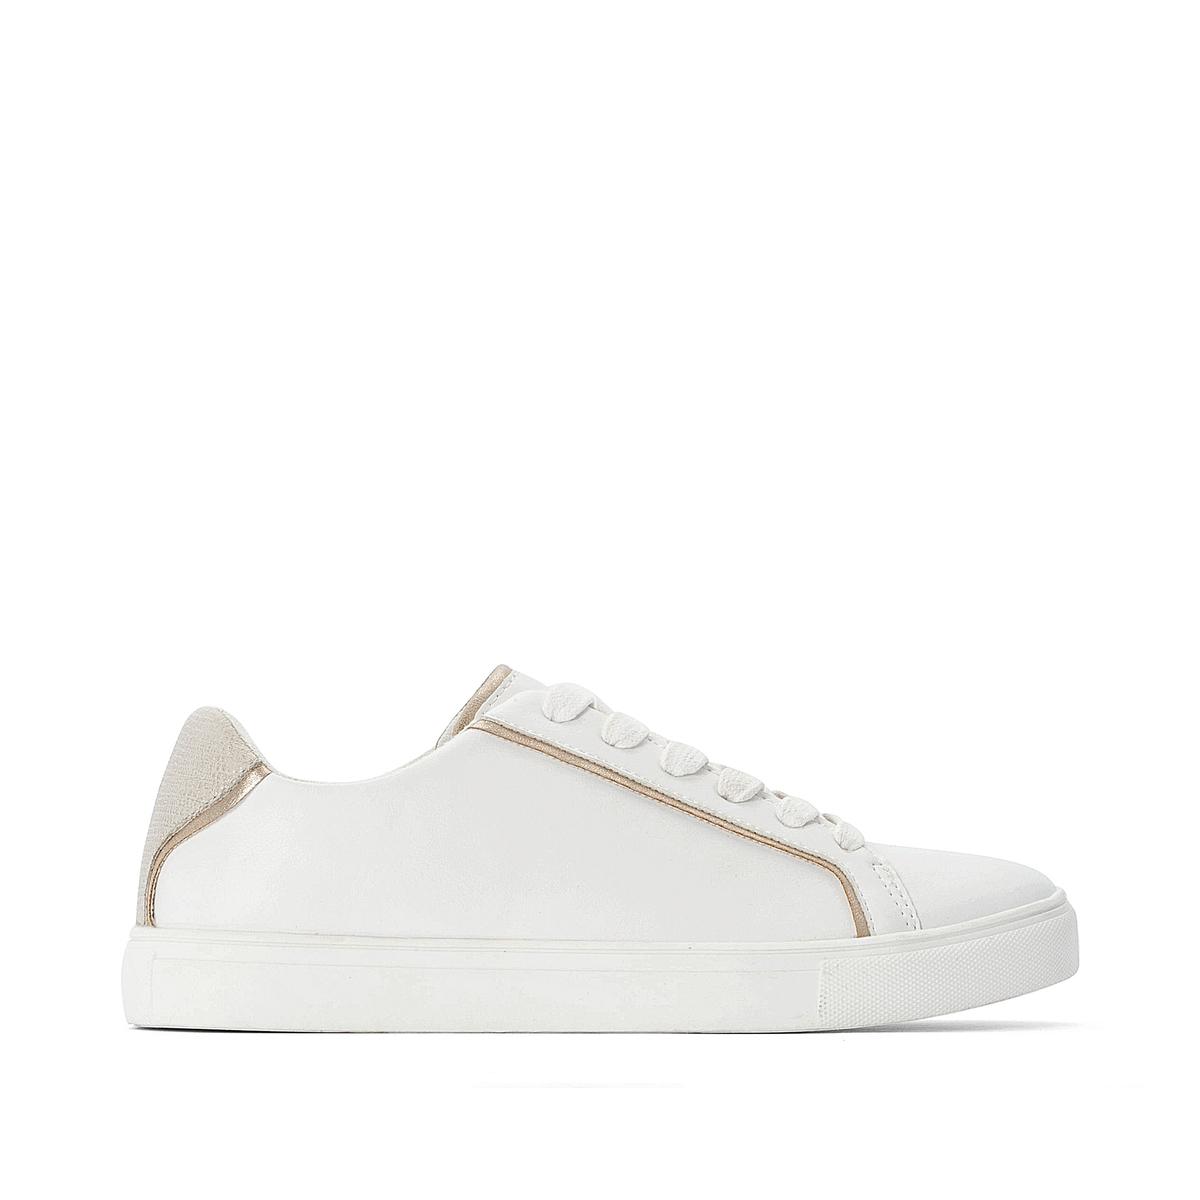 Кроссовки La Redoute — С золотыми вставками для размеров - 45 белый